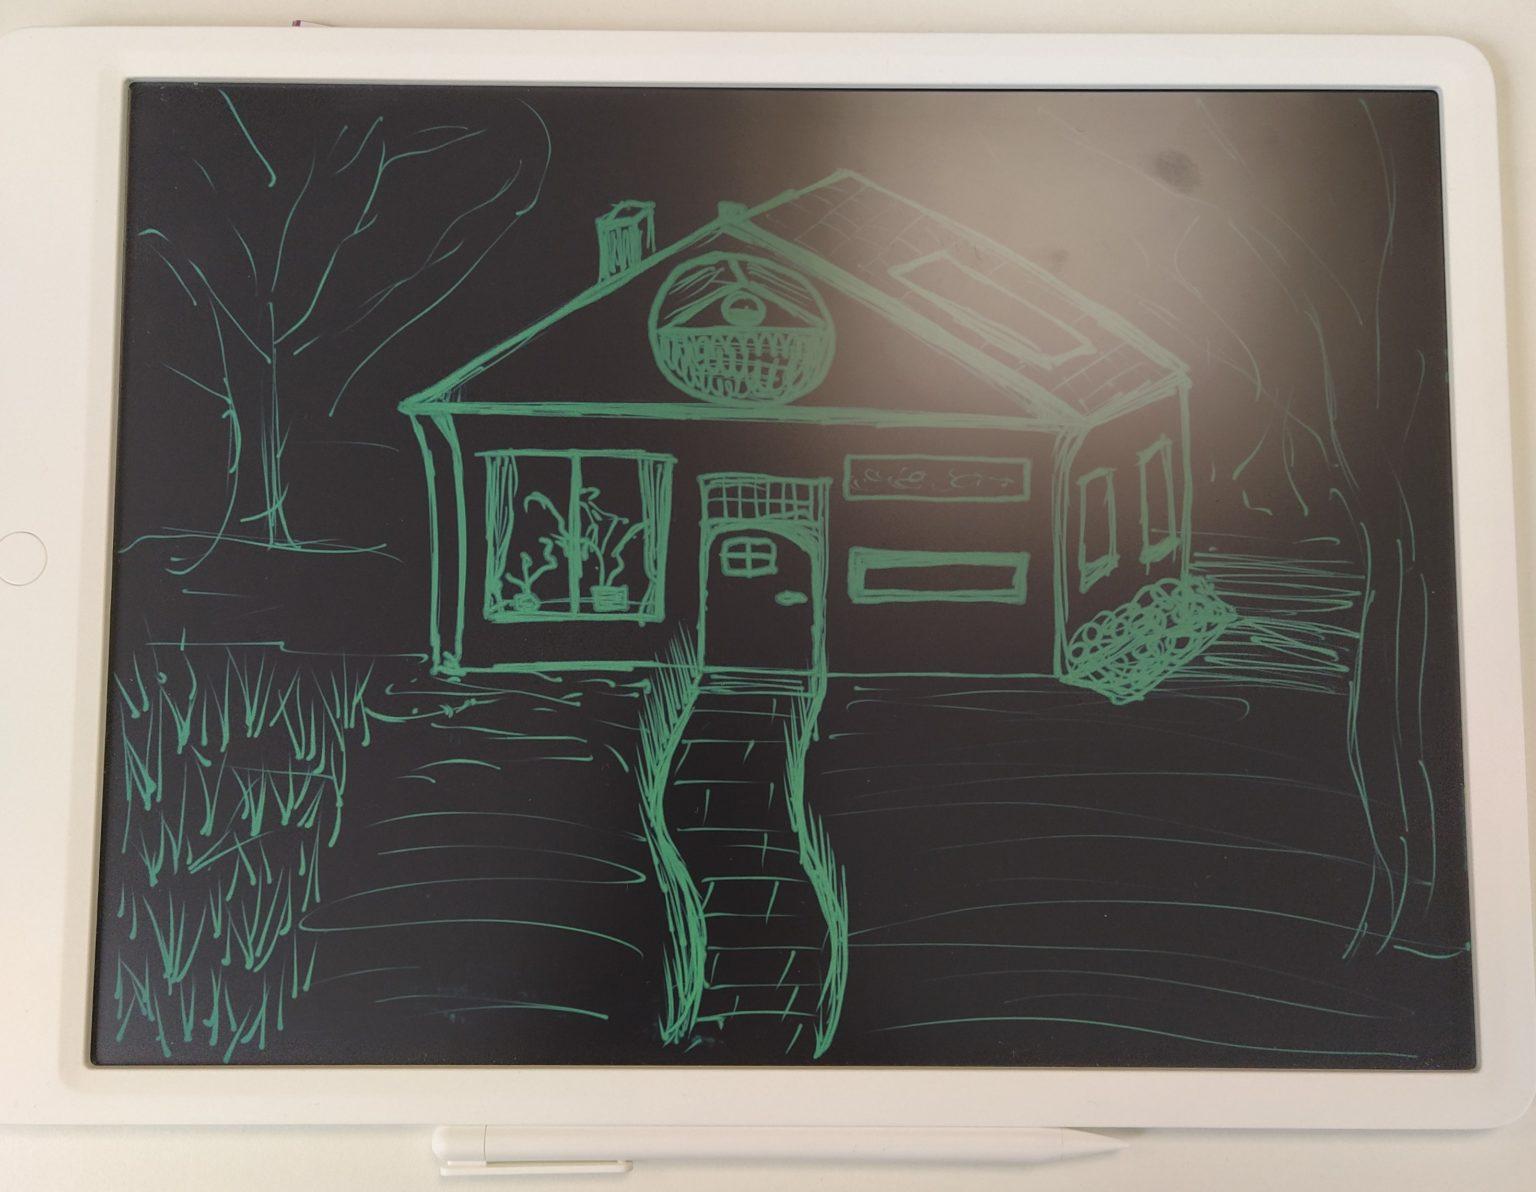 Dibujo de una casa hecho con la tablet gráfica LCD de Xiaomi Mijia